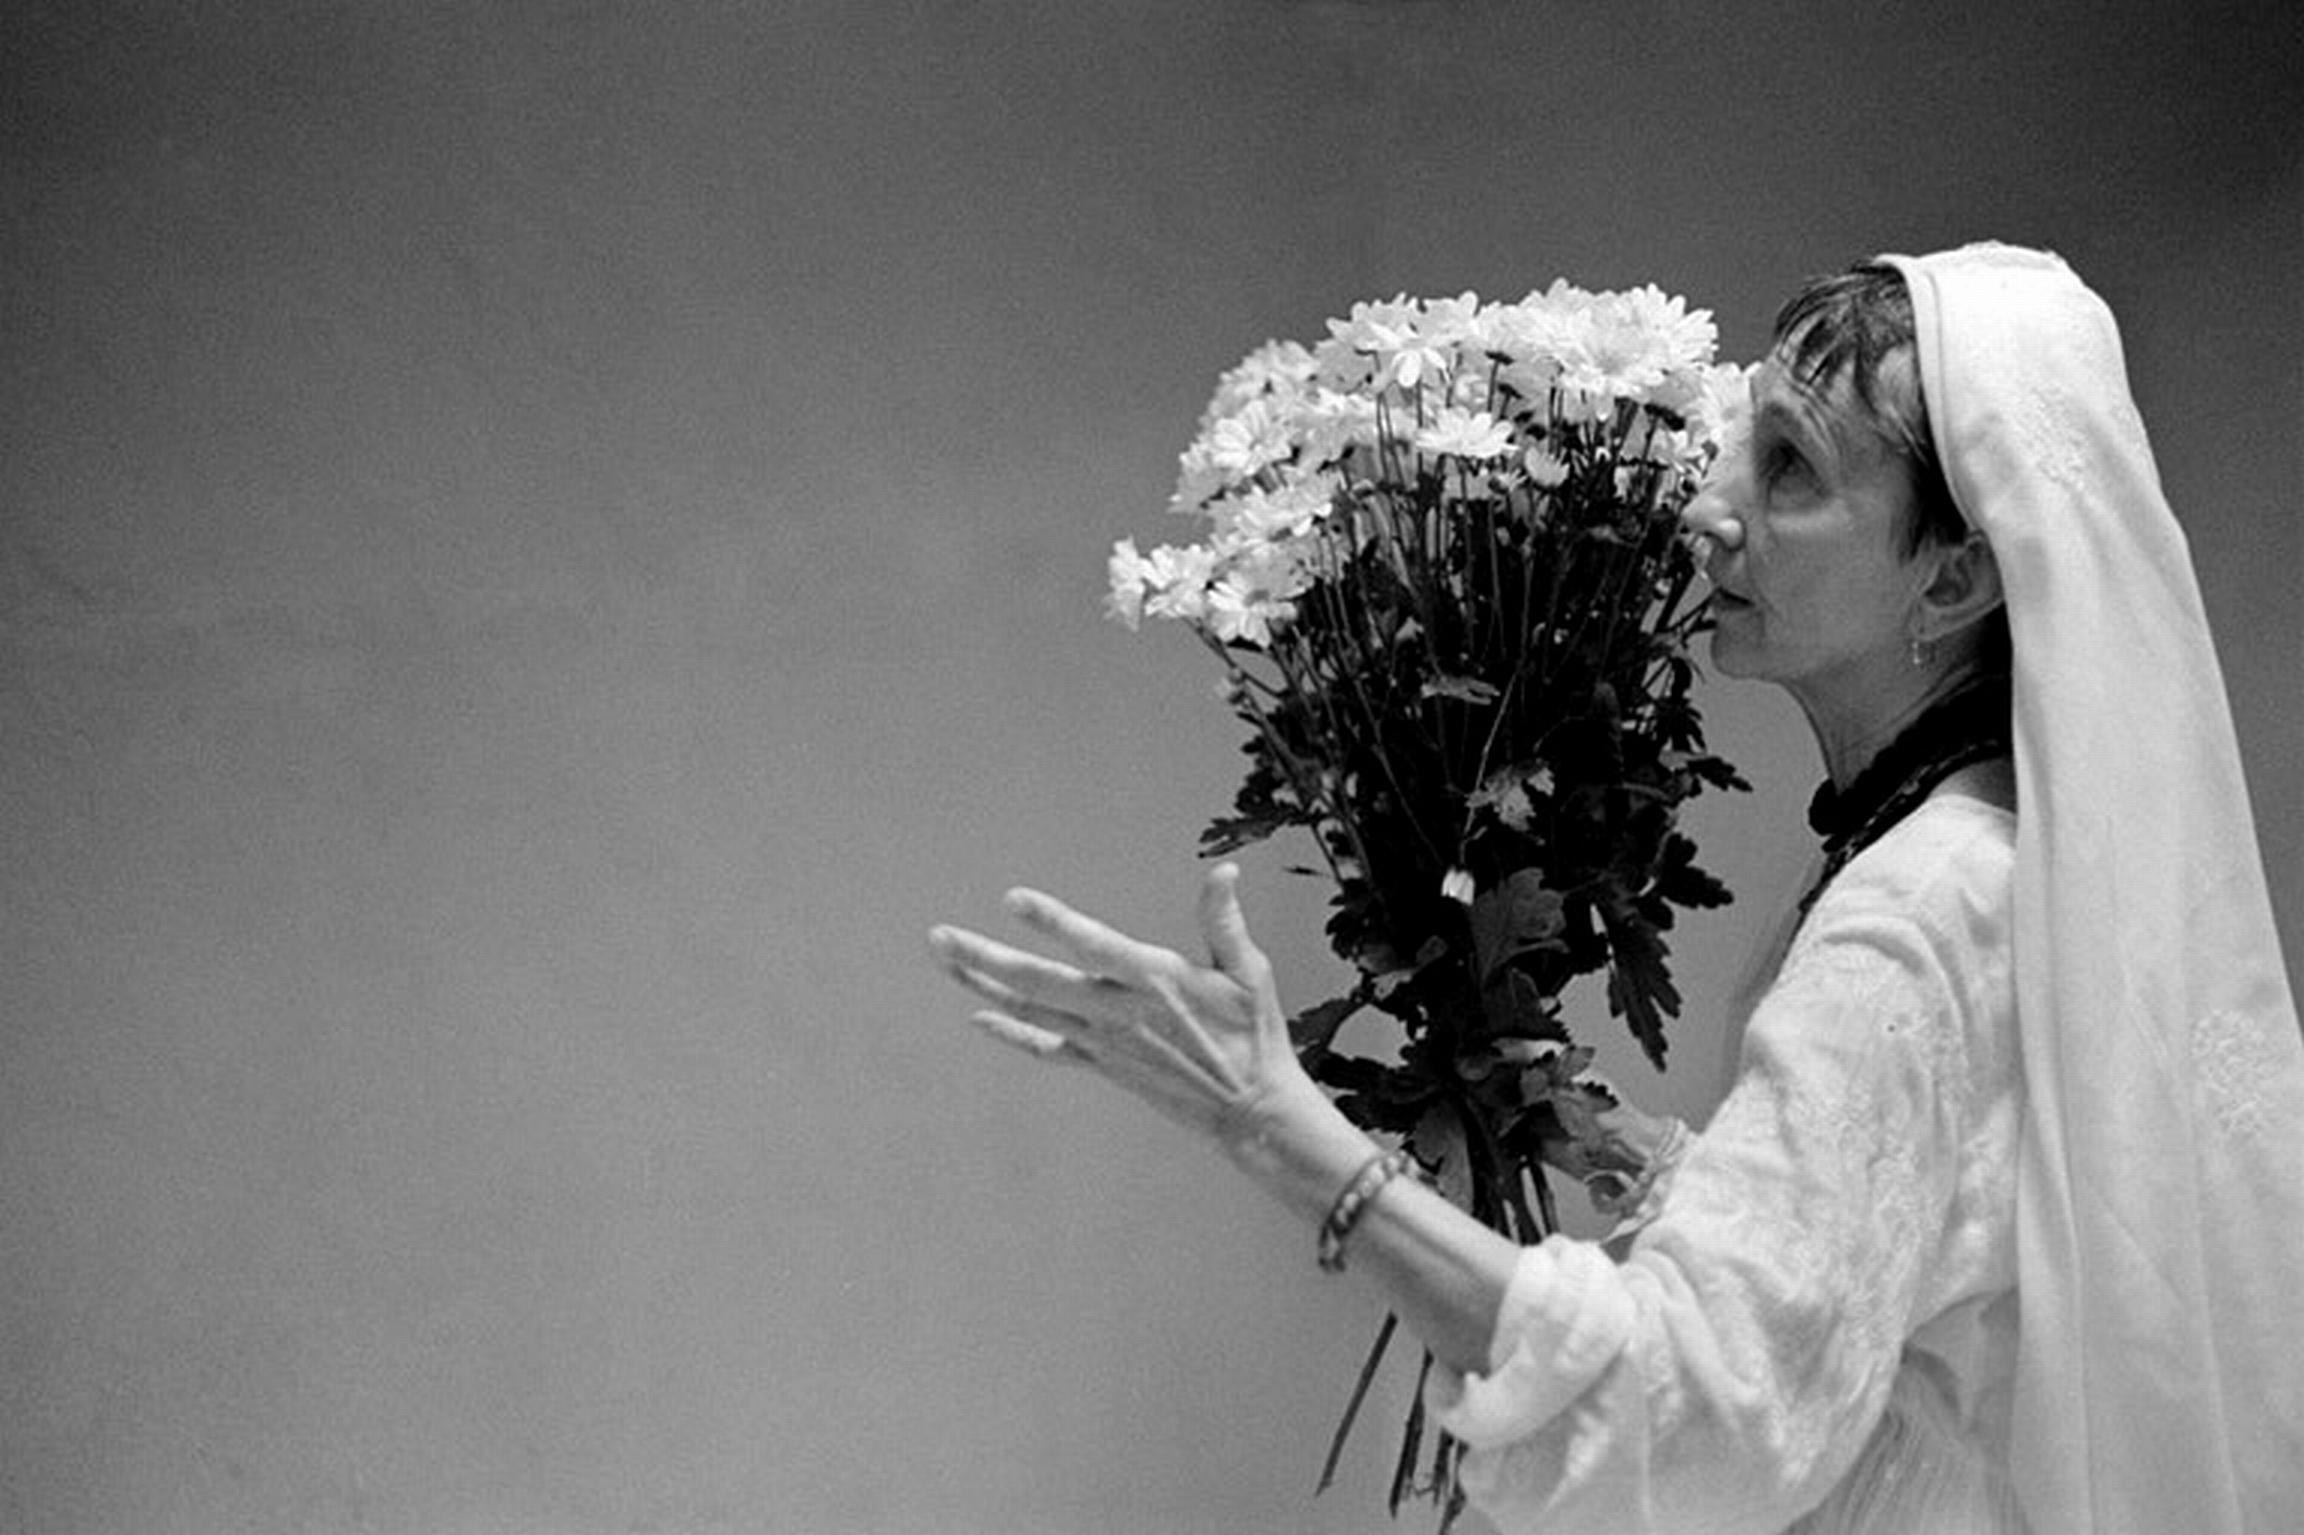 Fot. Maciej Stawiński, Rena Mirecka, 2003 (zdjęcie pochodzi z materiałów prasowych)